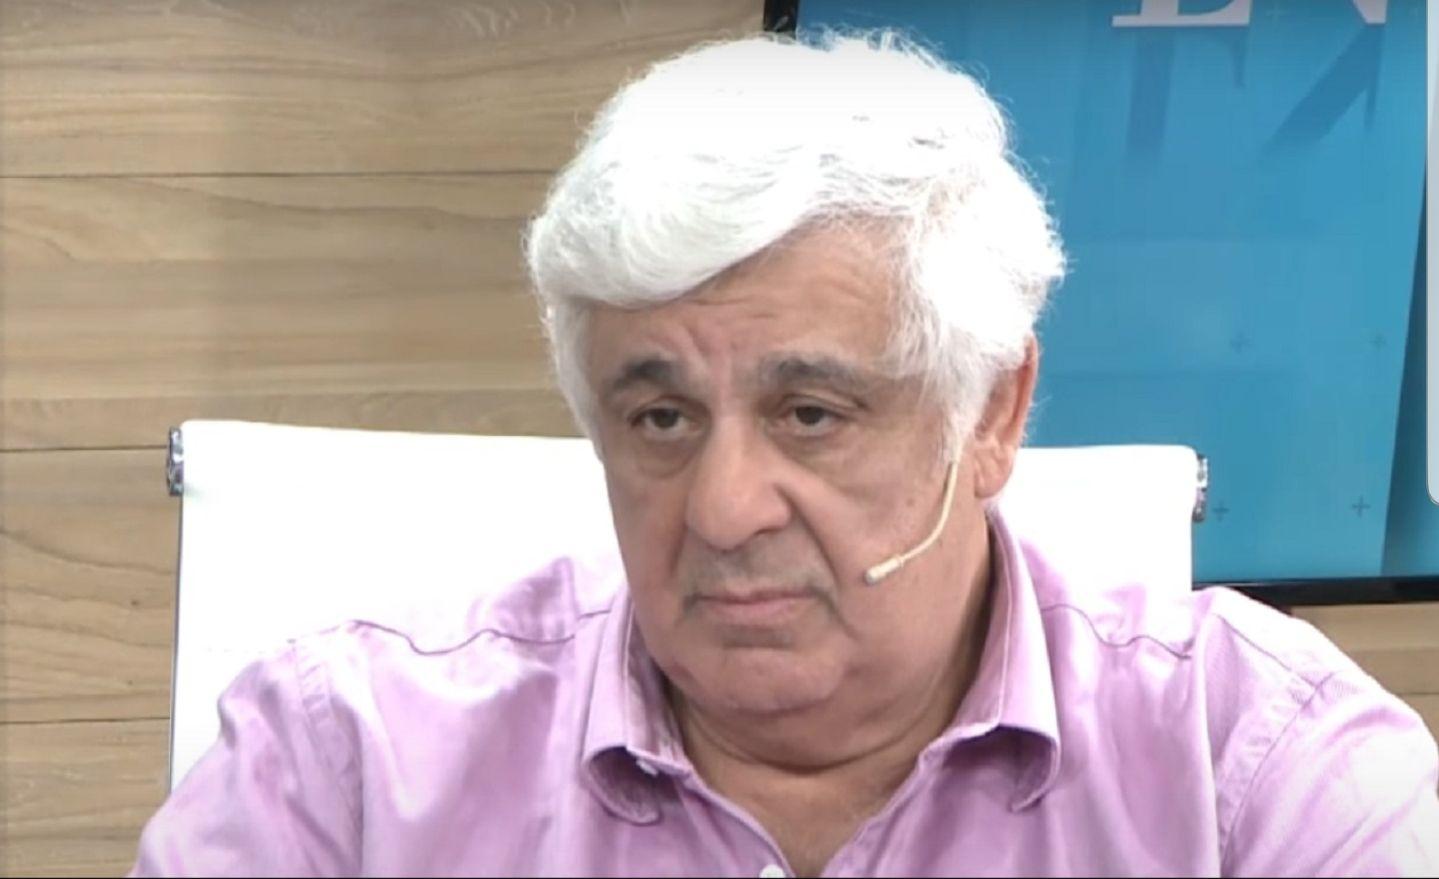 El empresario de la carne Alberto Samid volvió a ratificar sus expresiones anti judías por la controversia entre la embajadora de Israel y sus expresiones acerca de la prohibición de exportación argentina en ese rubro